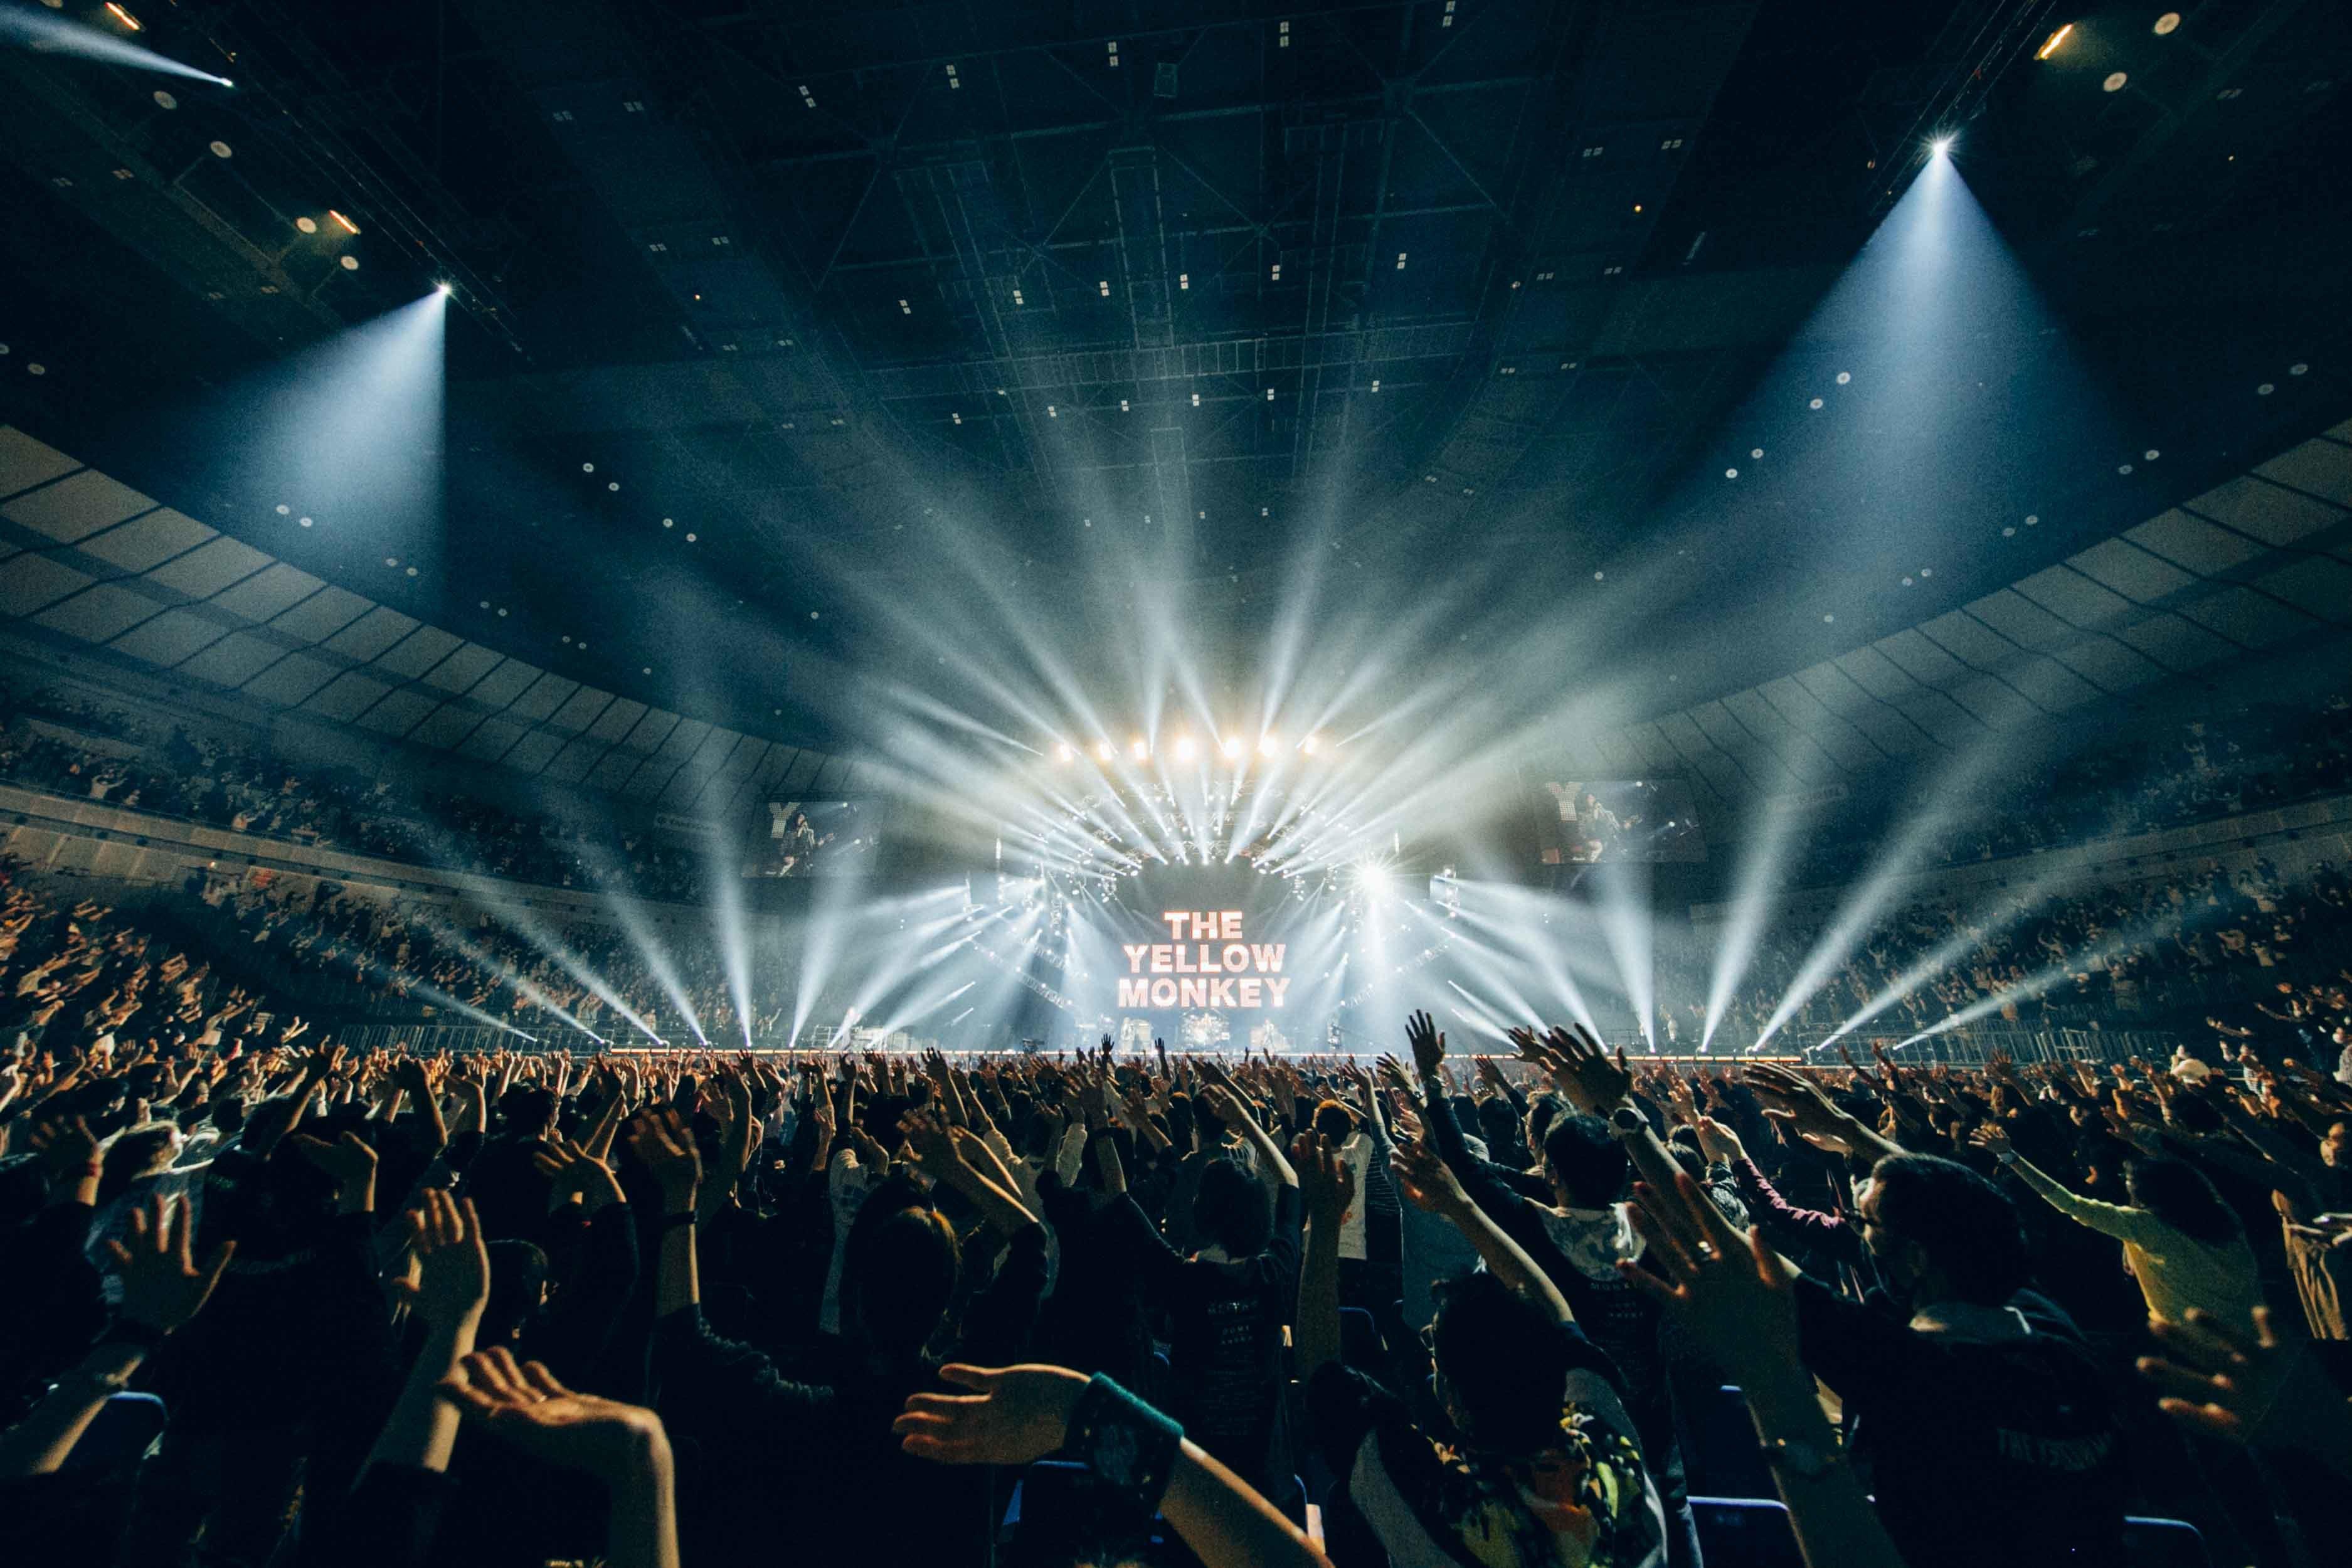 THE YELLOW MONKEY『30th Anniversary LIVE -YOKOHAMA SPECIAL-』 Photo by 横山マサト